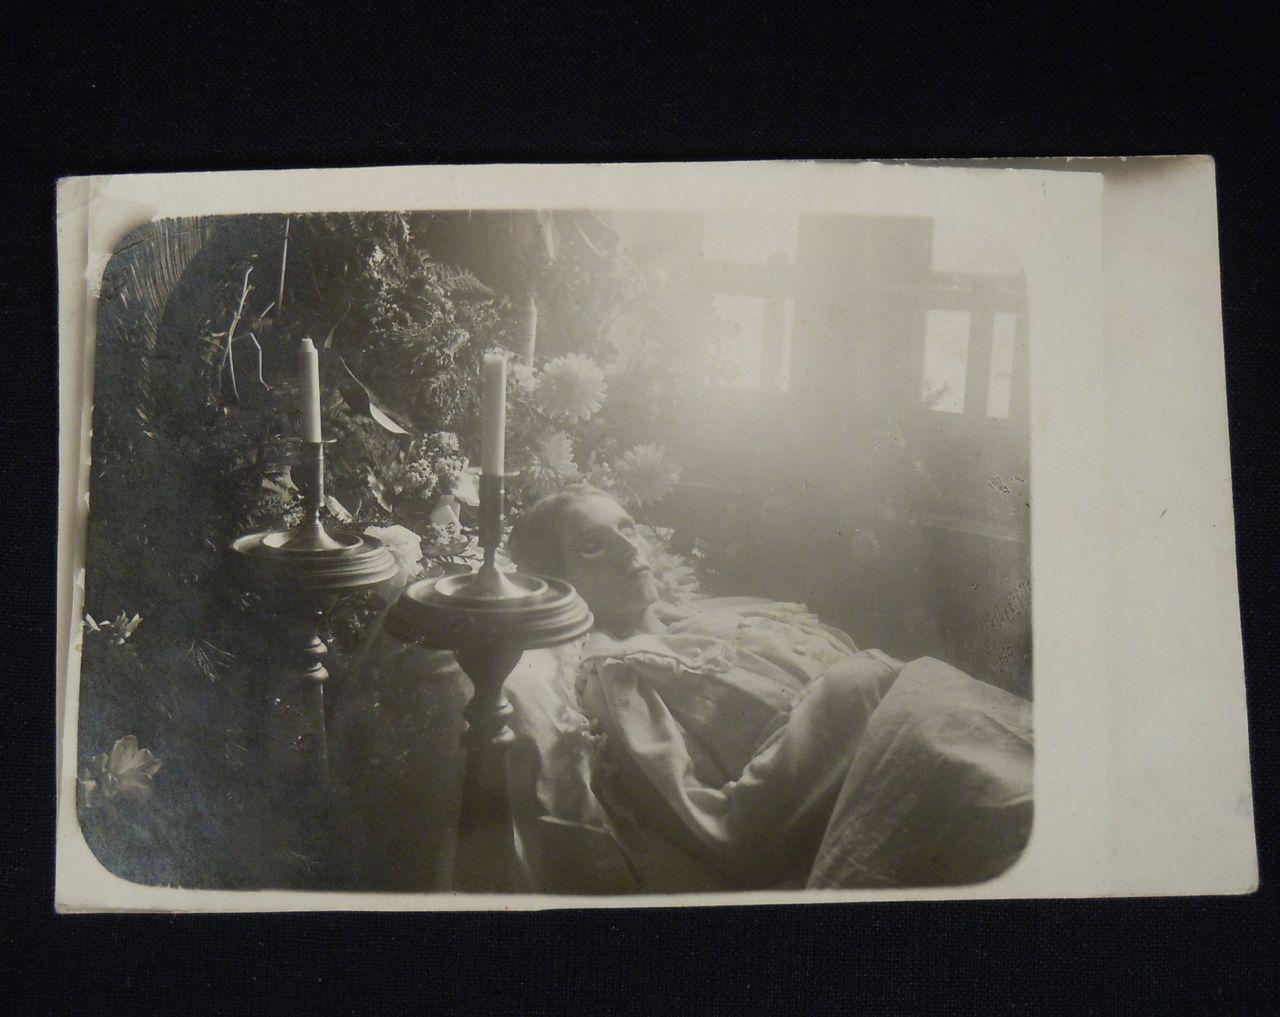 woman on deadbed